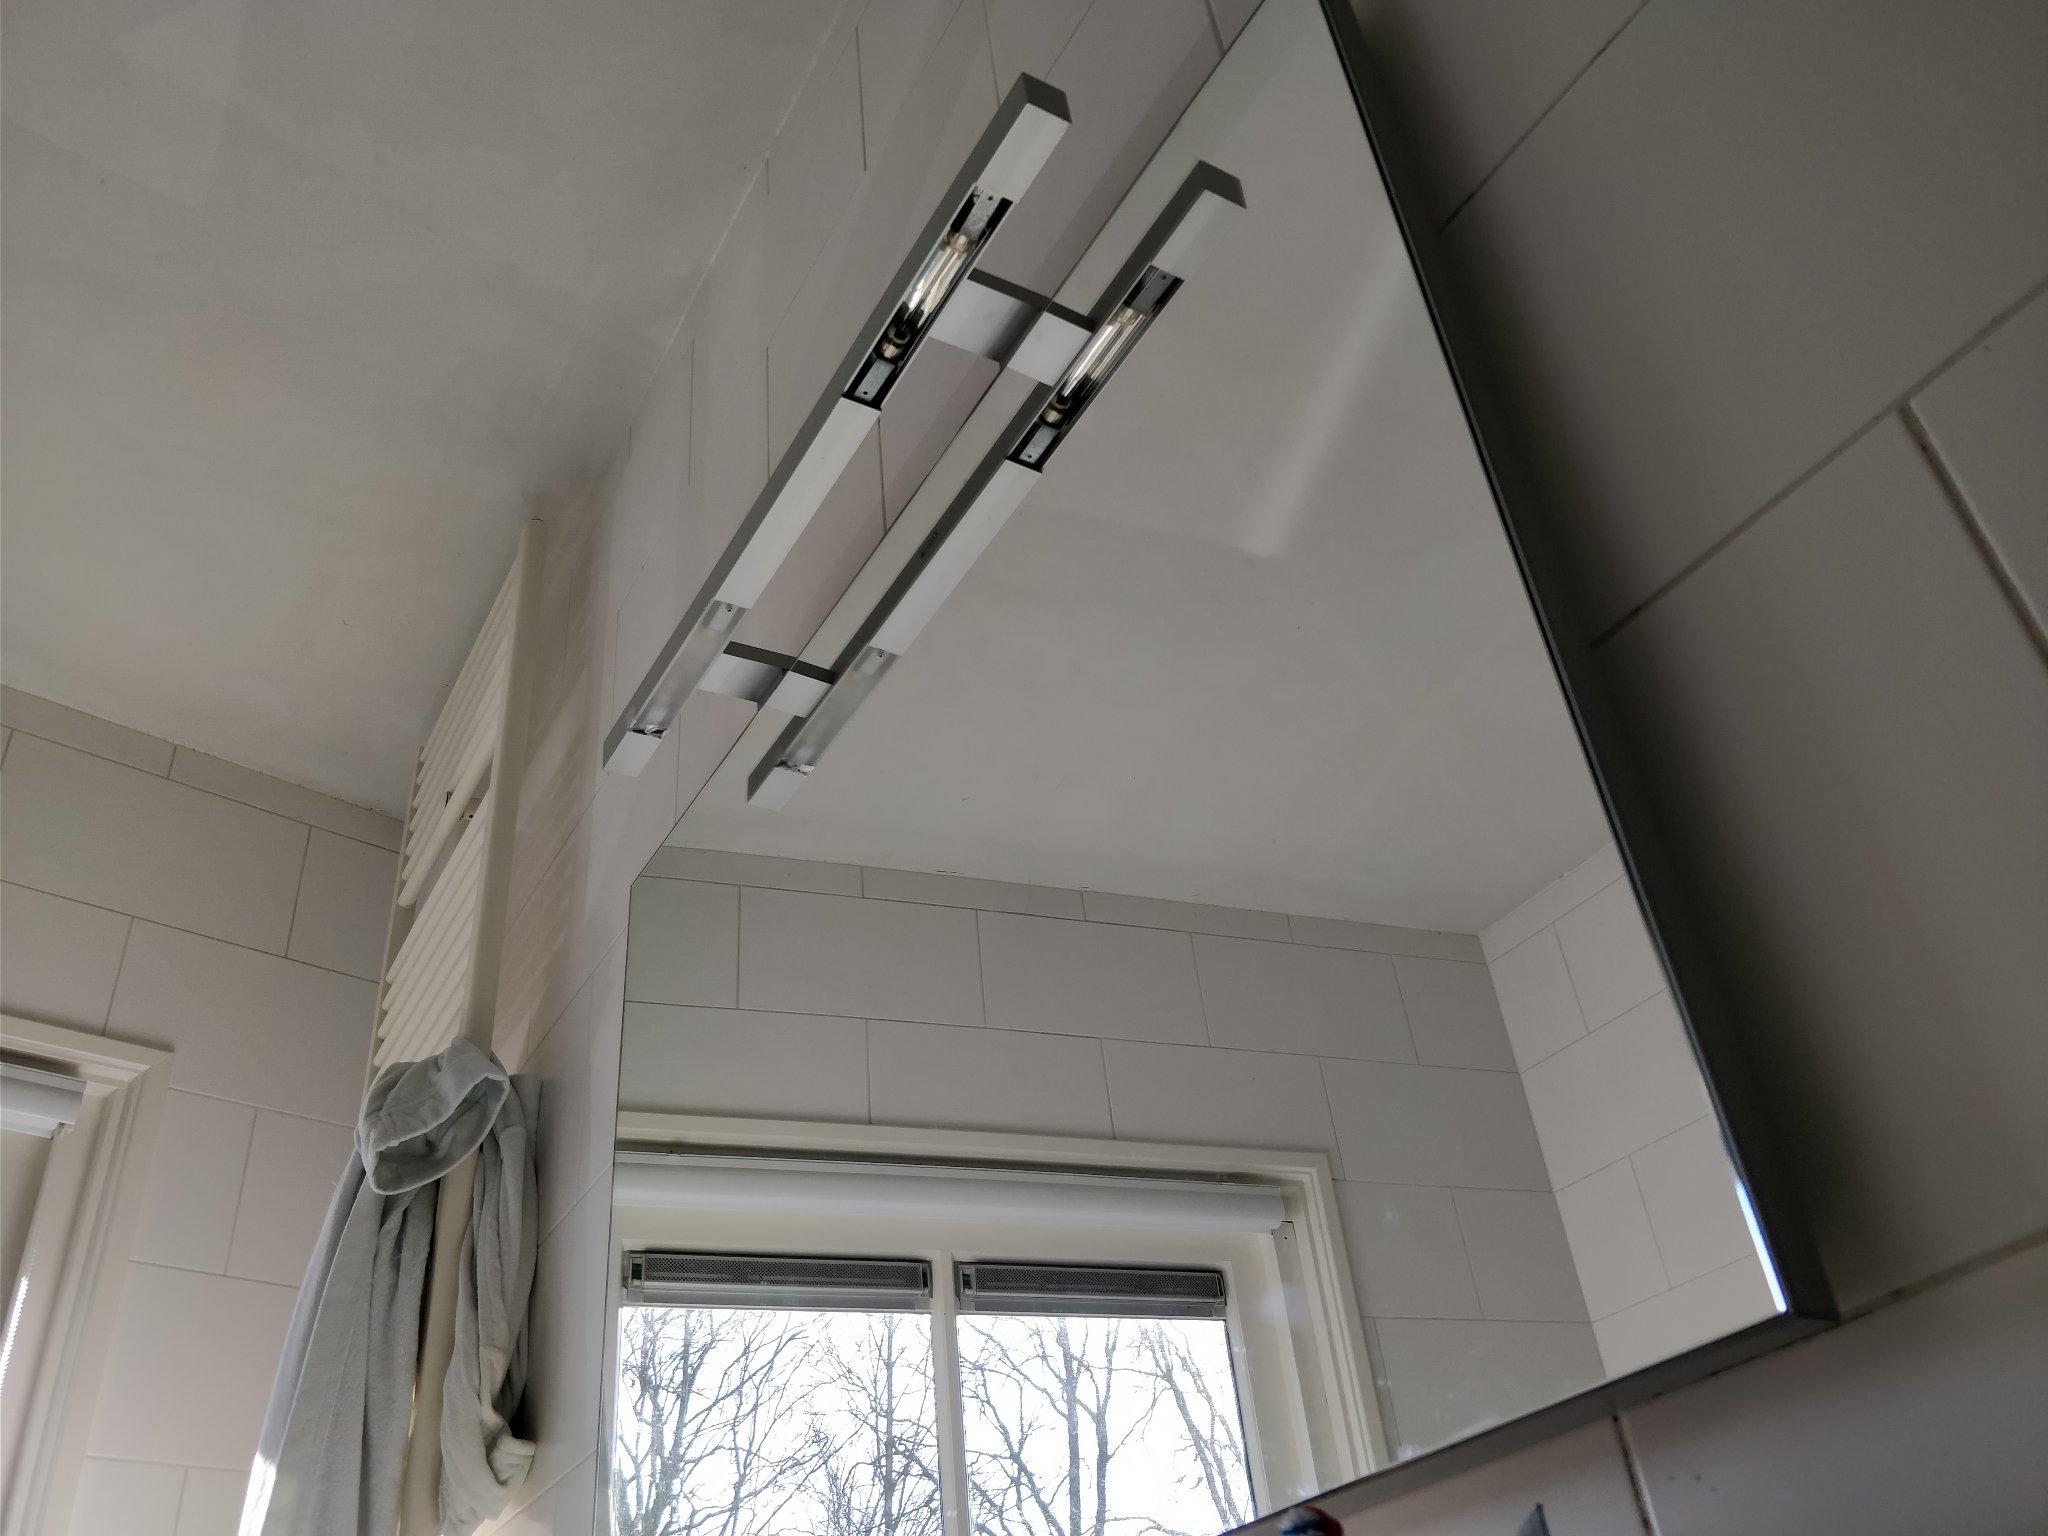 Badkamer Spiegelkast Lamp : Badkamer spiegel amsterdam badkamer spiegel met verlichting